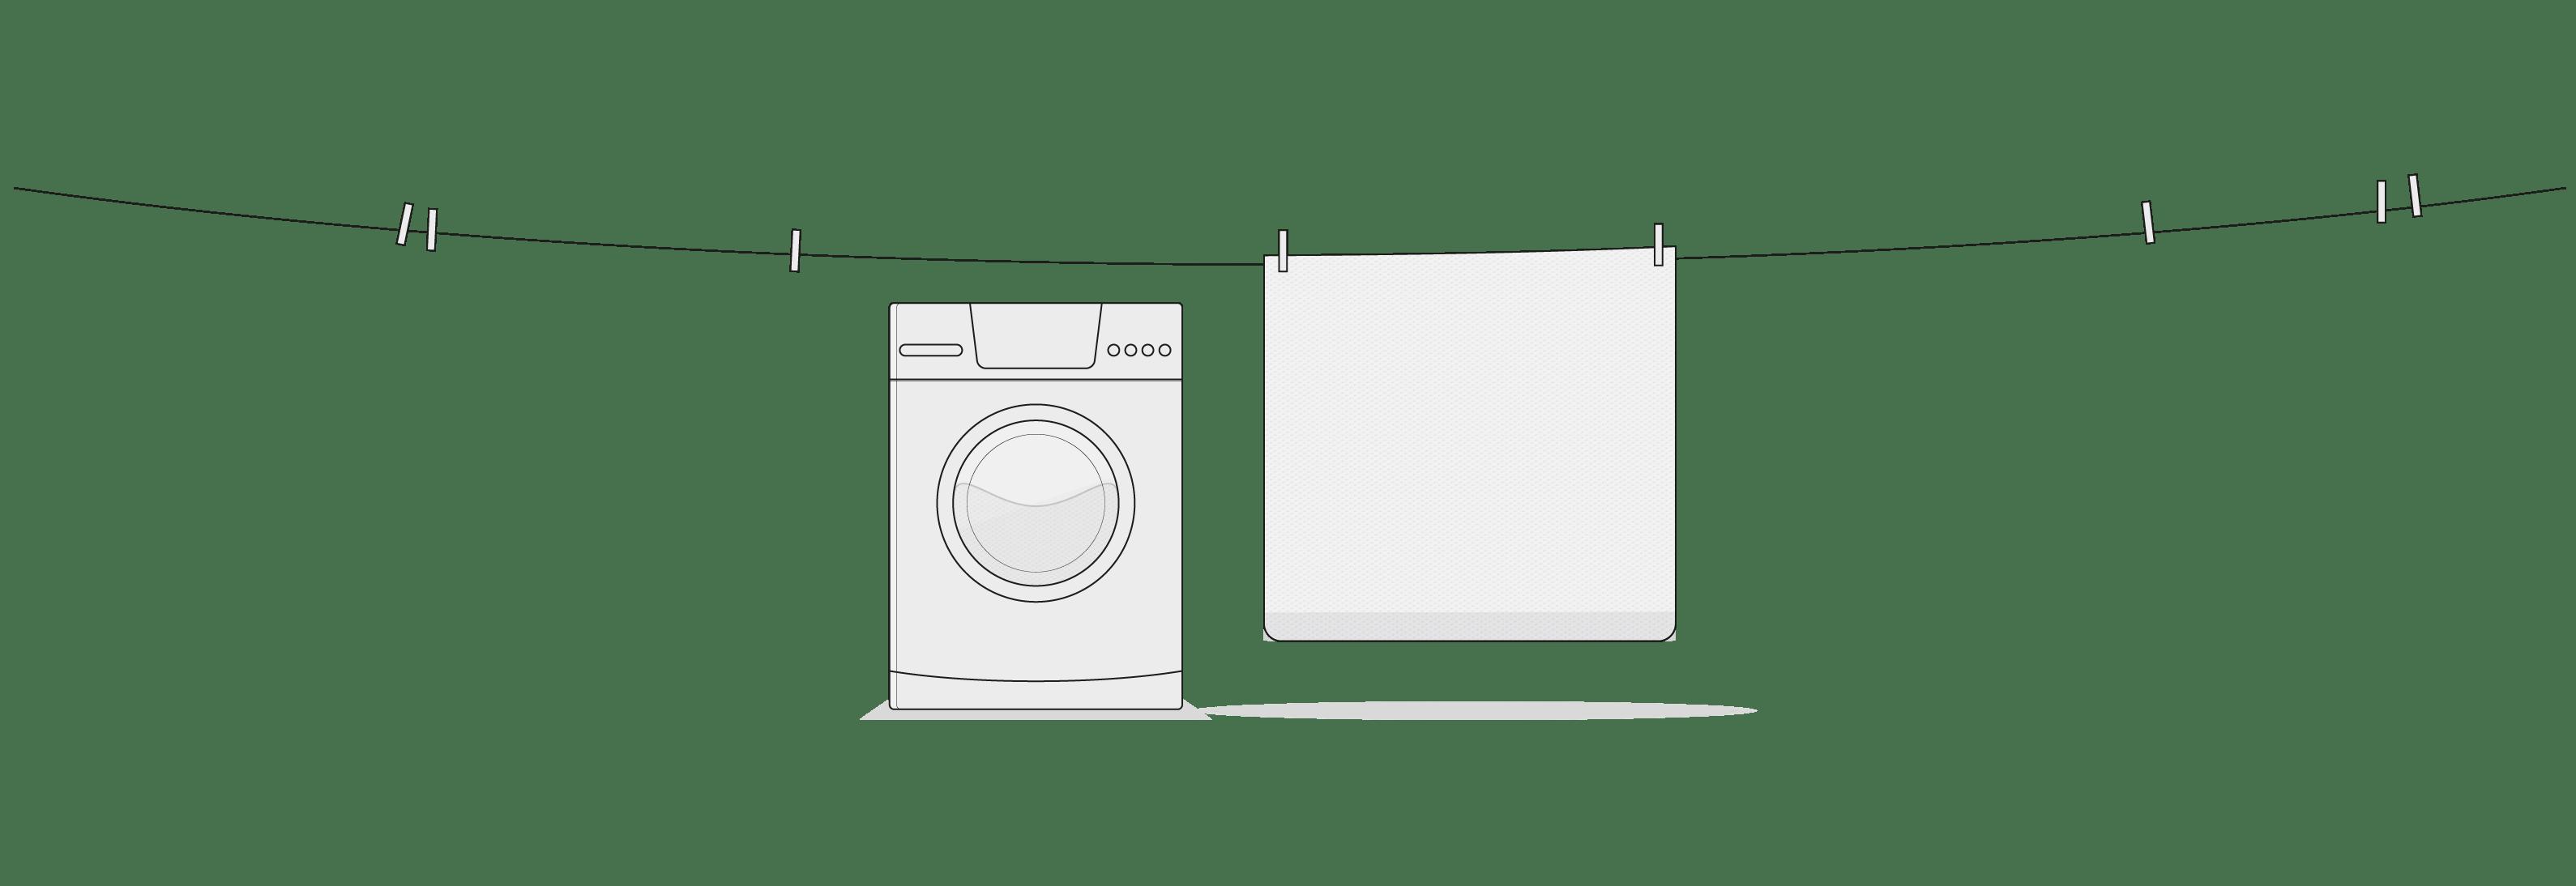 Illustration: Un fil à linge comportant plusieurs pinces à linge, auquel est suspendue la housse fonctionnelle HyBreeze. Un lave-linge se trouve dessous.